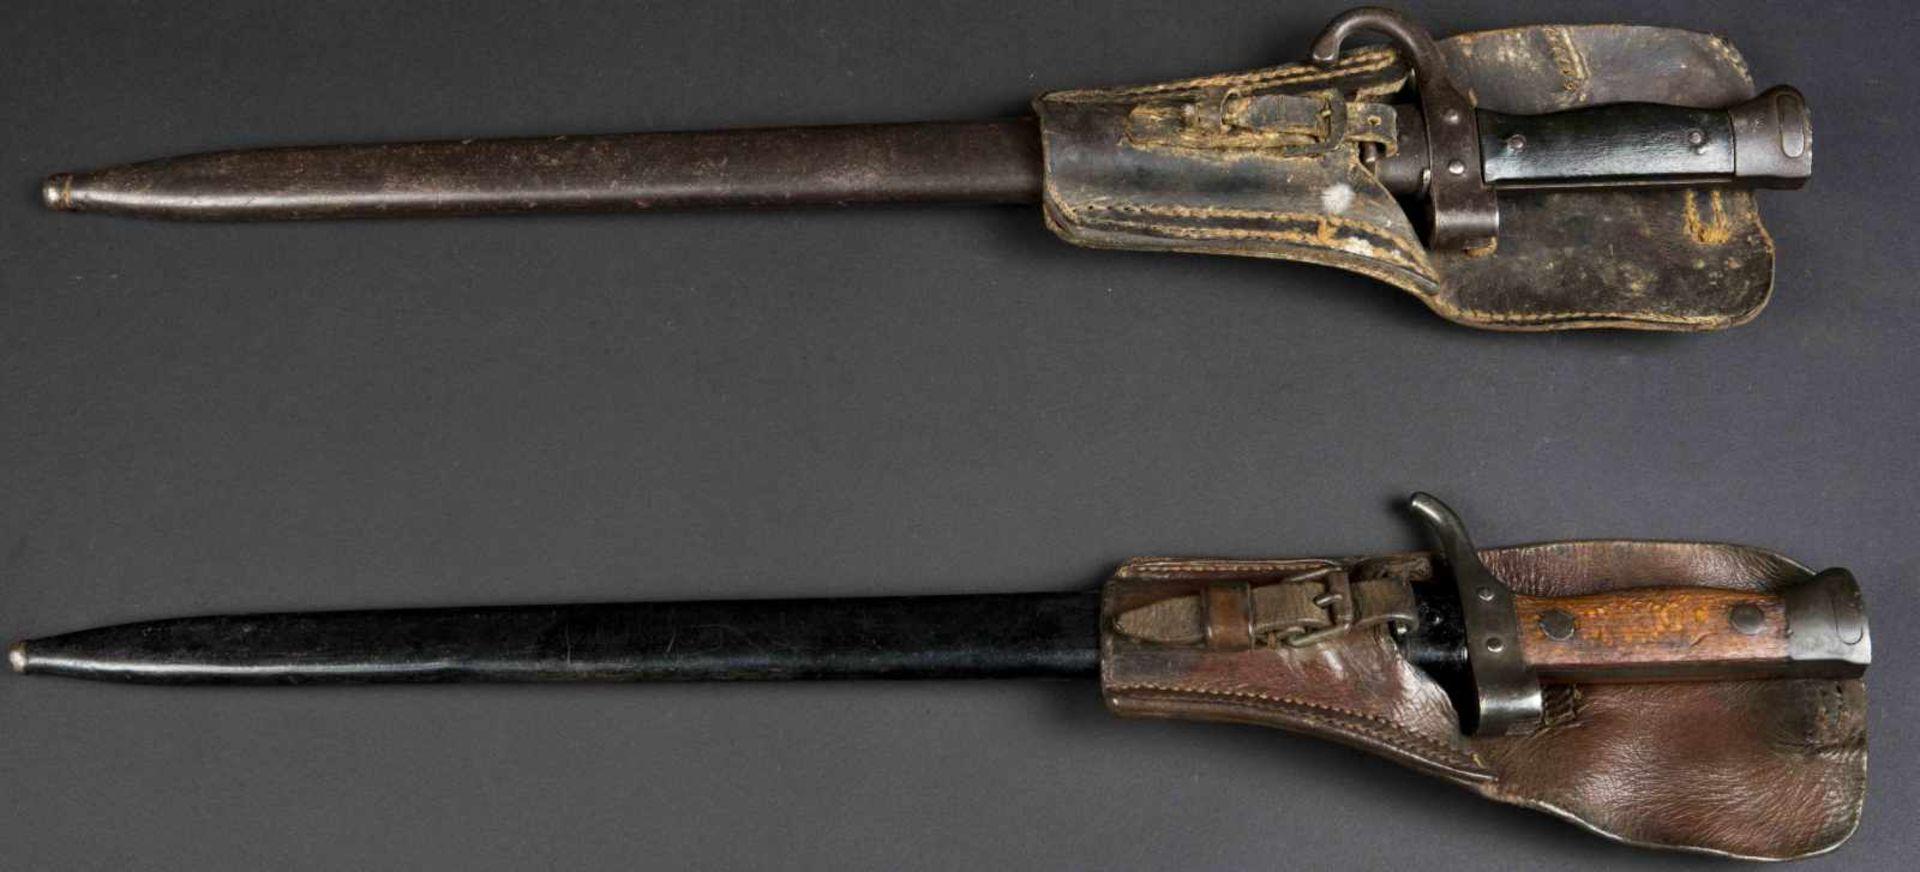 Lot de deux baïonnettes, modèle 1892 et modèle 1892/1915 pour mousqueton (état moyen). Porte-épées - Bild 3 aus 4